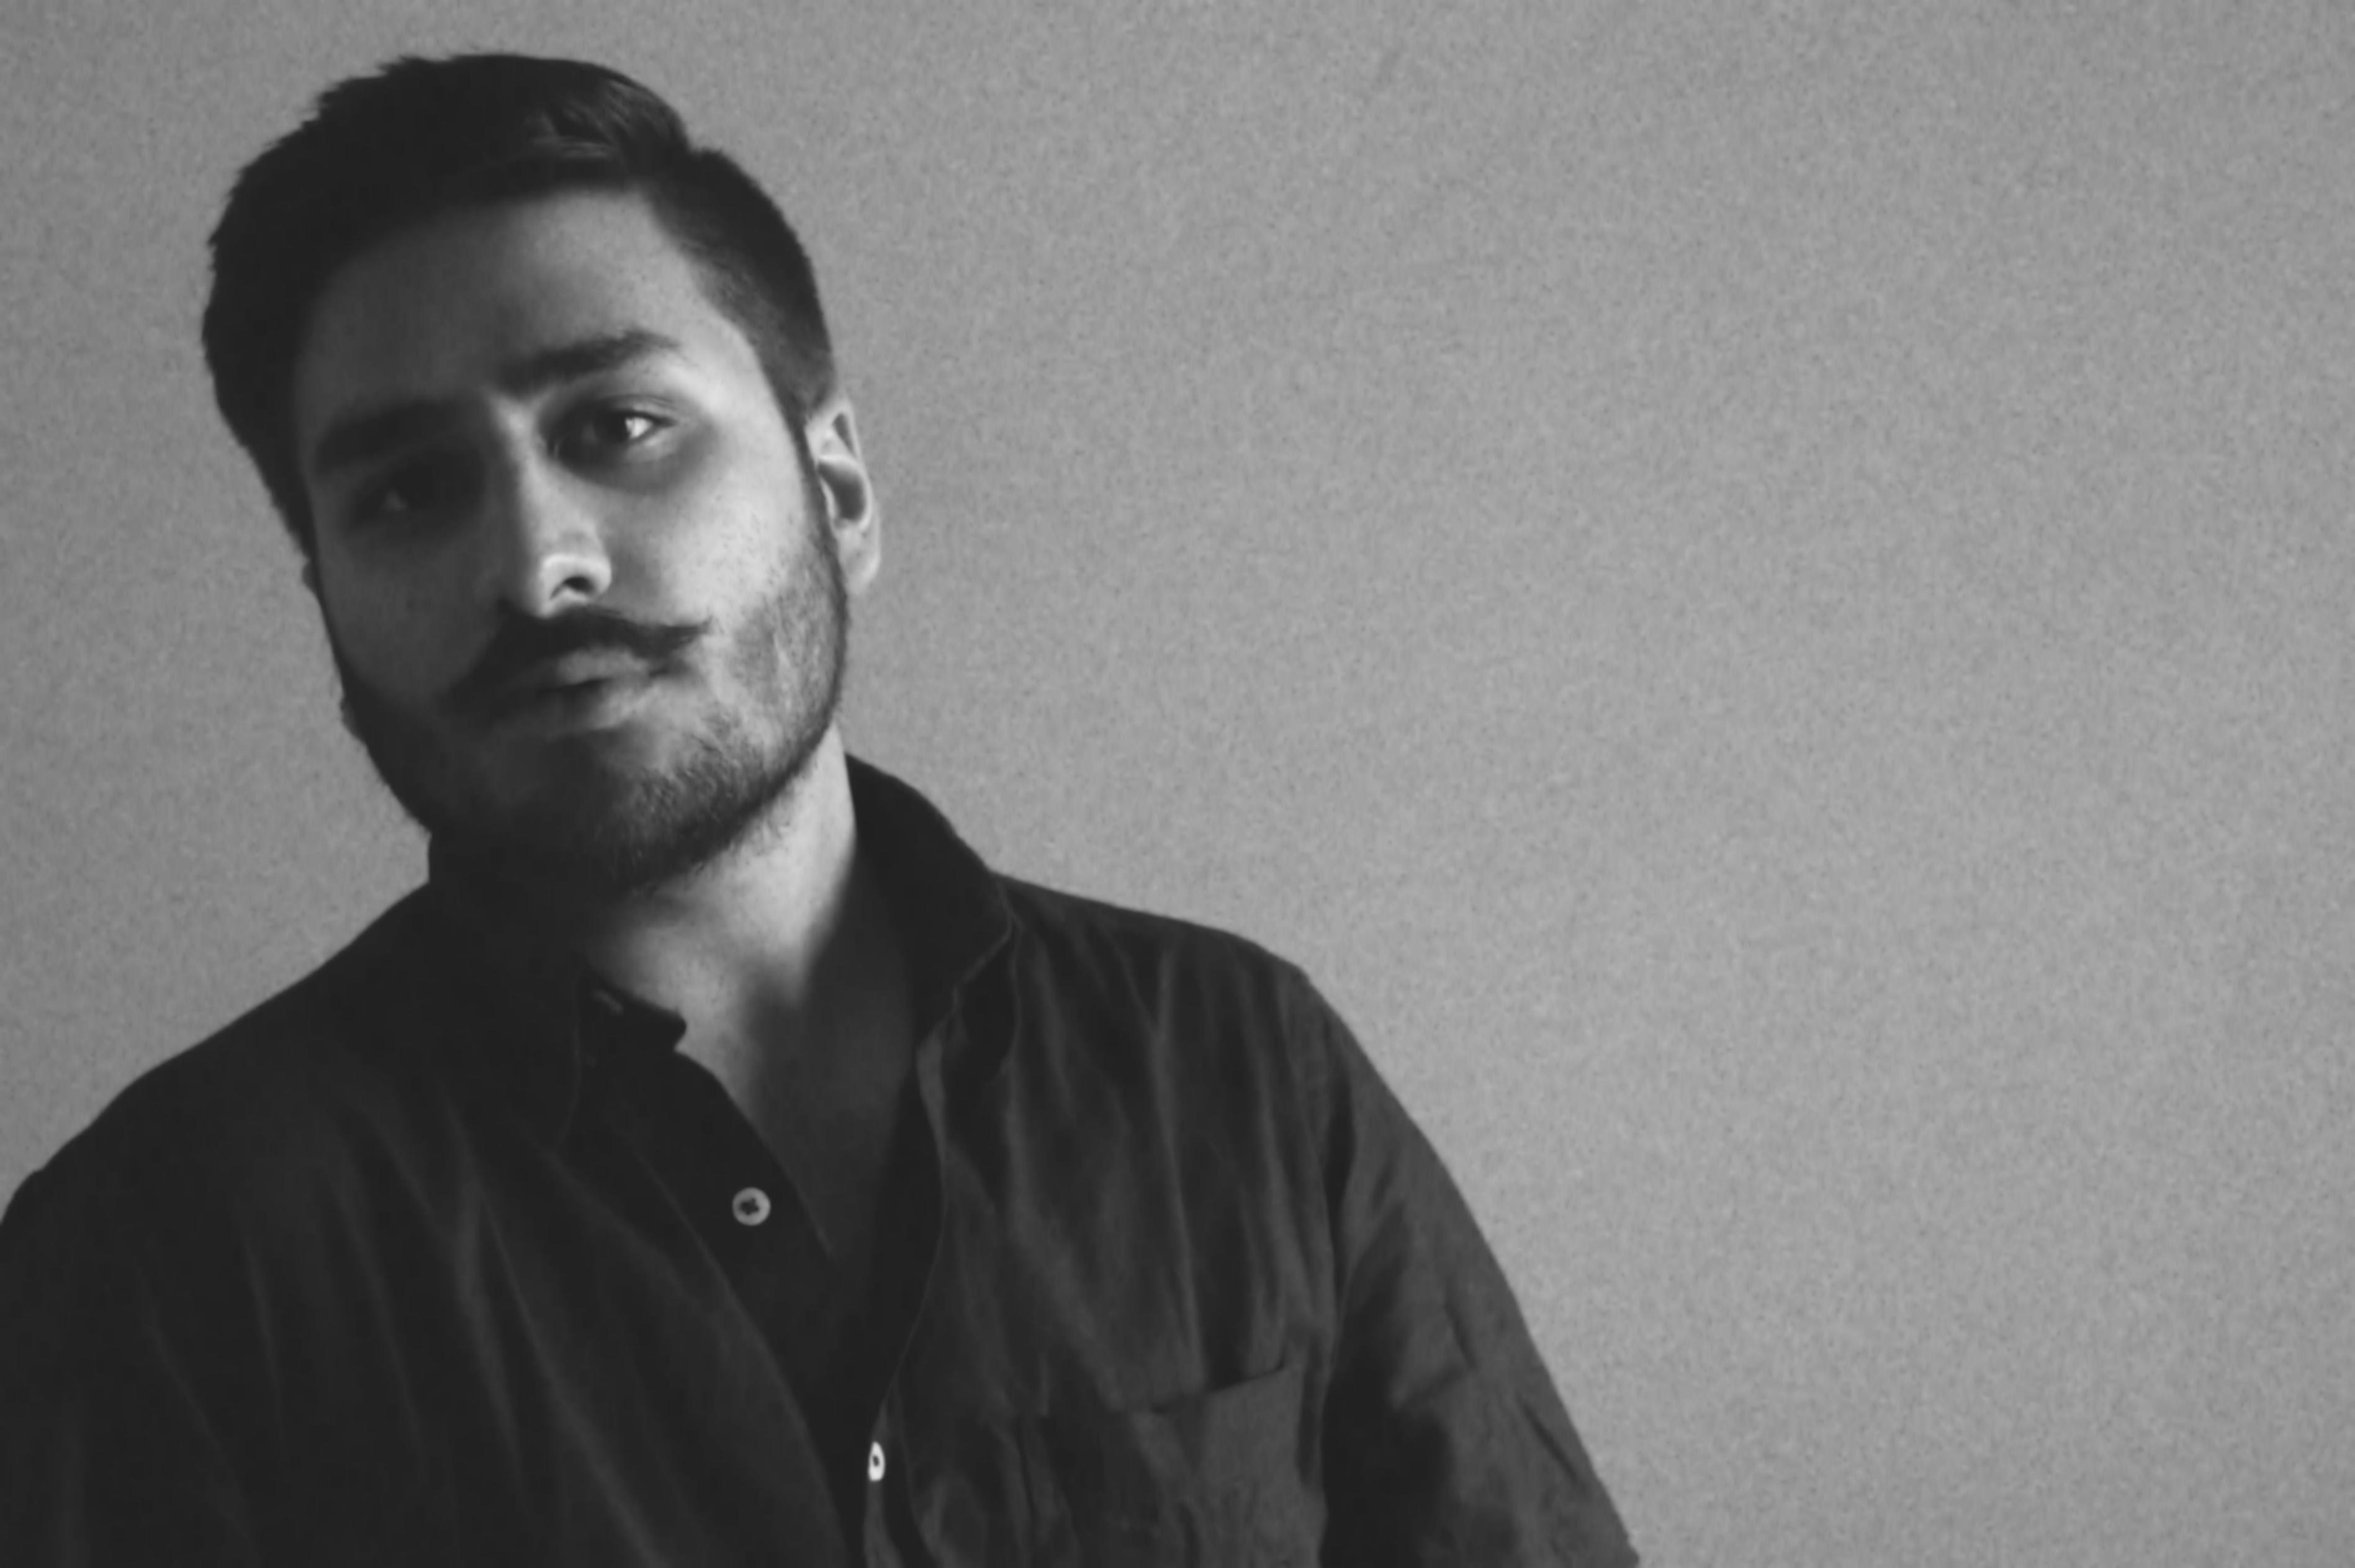 Interview : Artist Abhishek Chaudhary